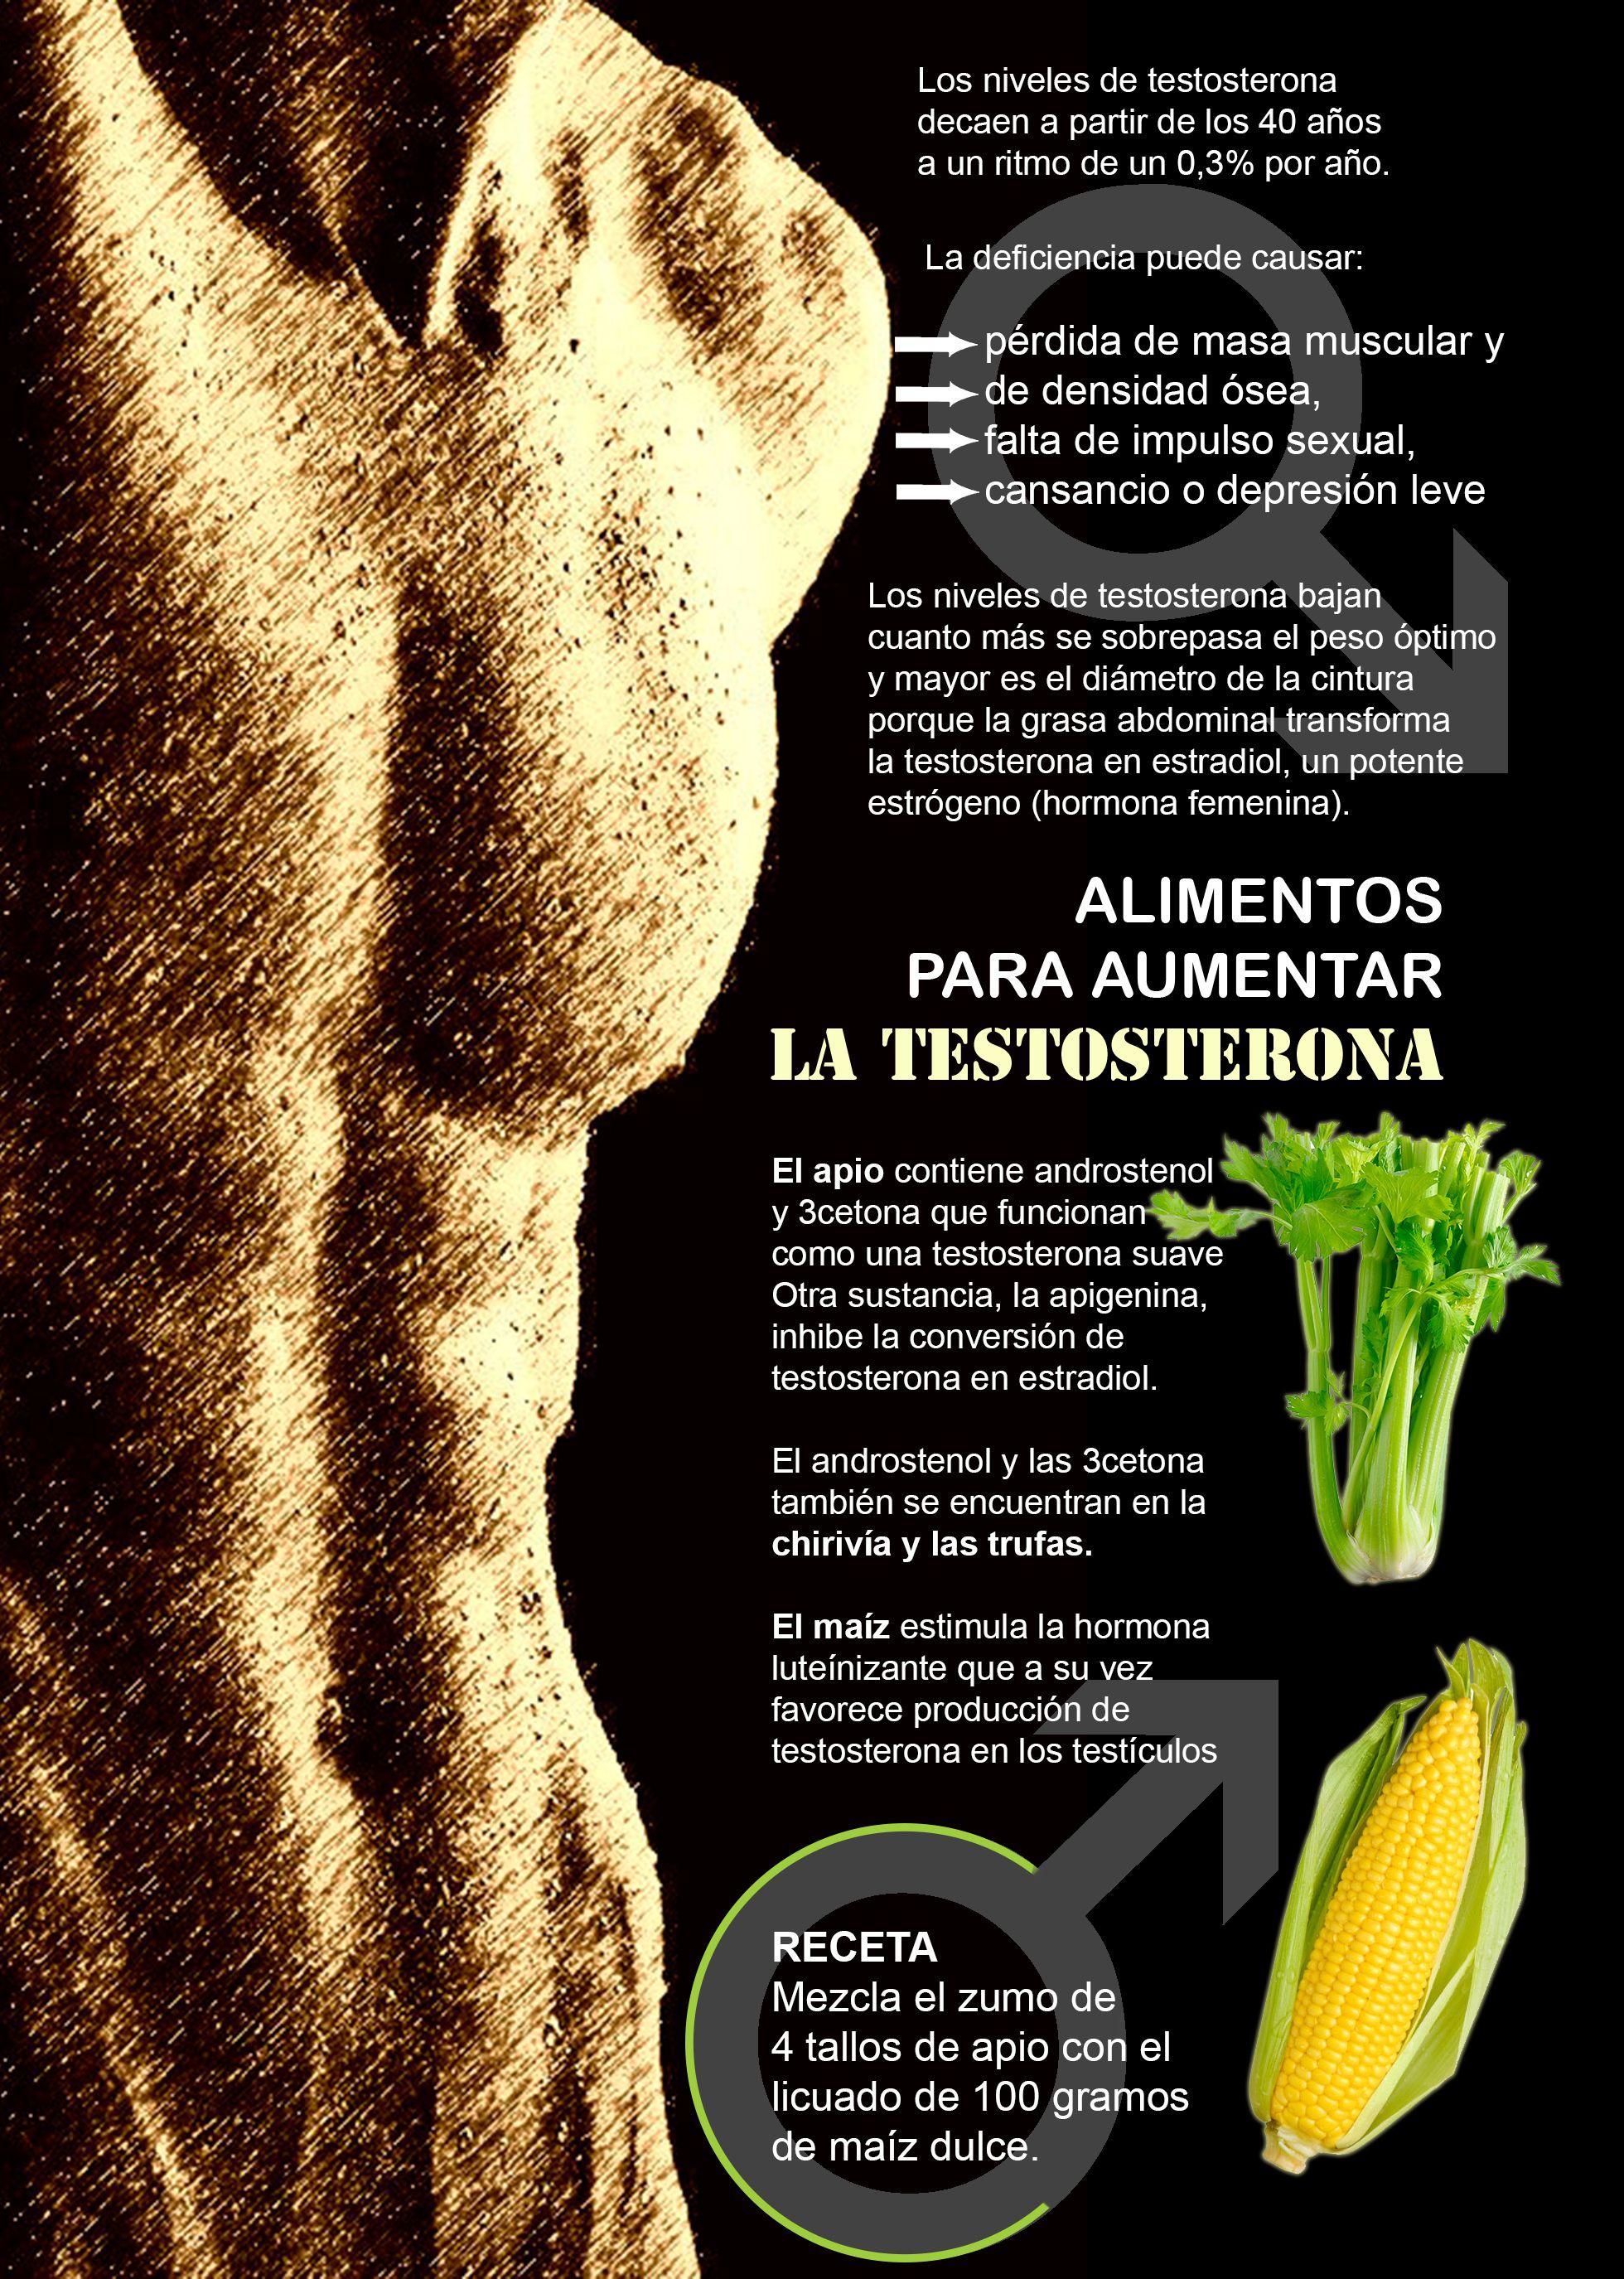 Alimentos para mejorar la testosterona